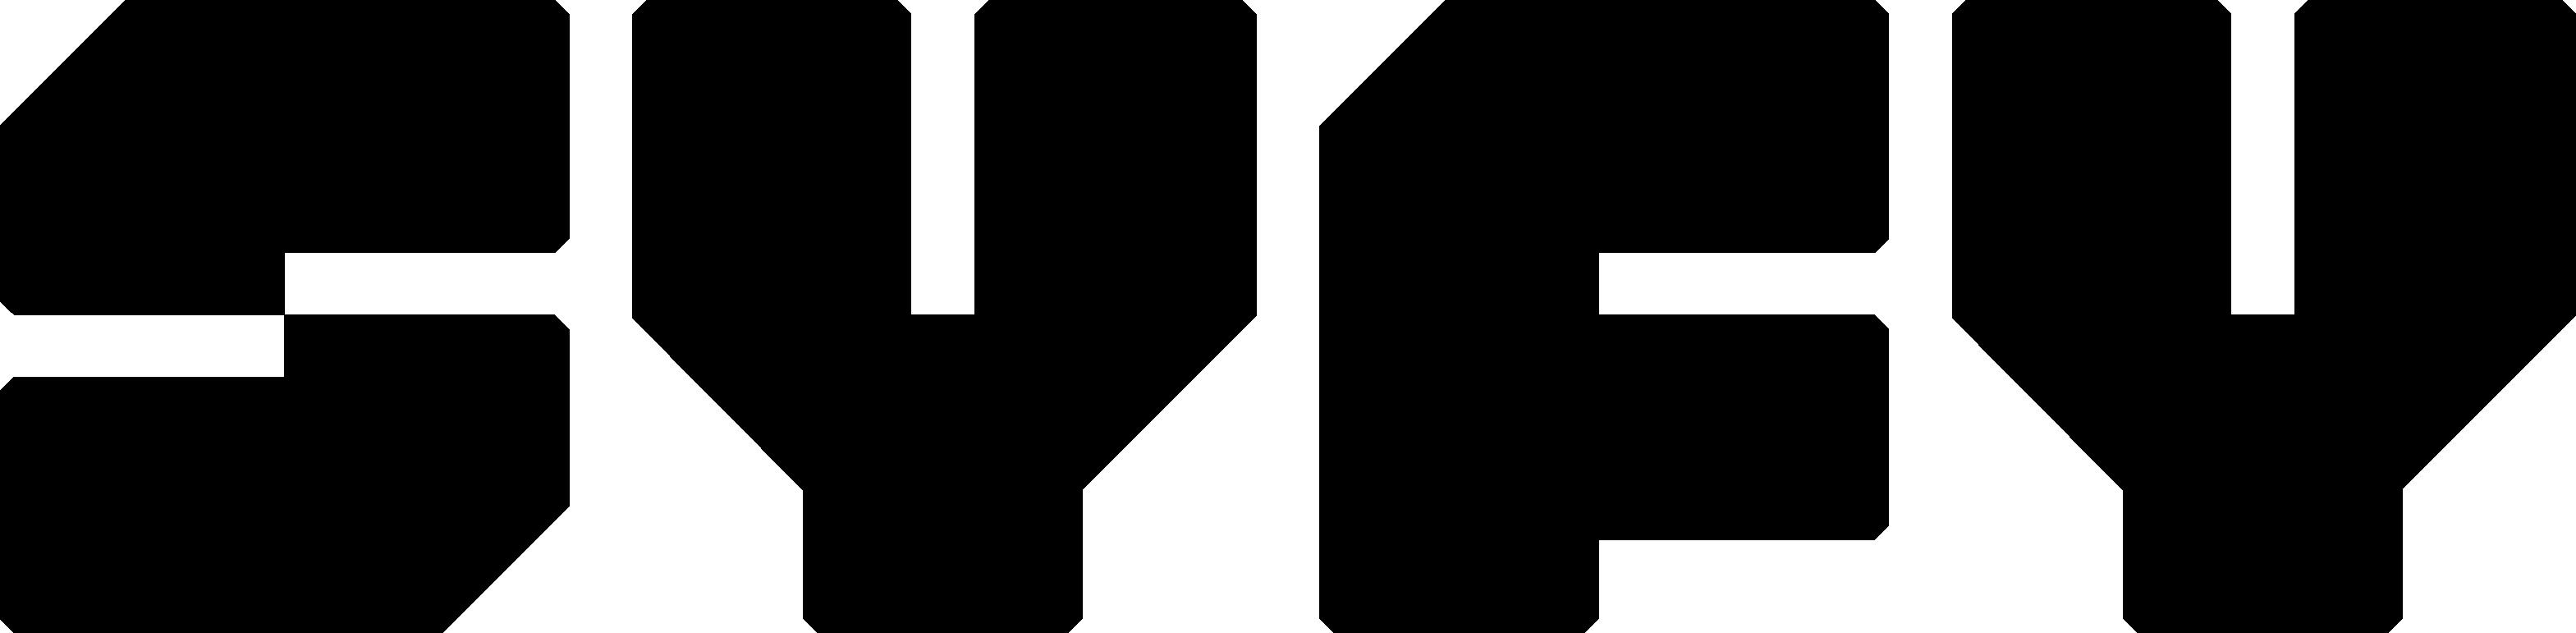 Syfy Tv Channel Logo Eps Pdf Png Svg Download Emissoras De Tv Cinema